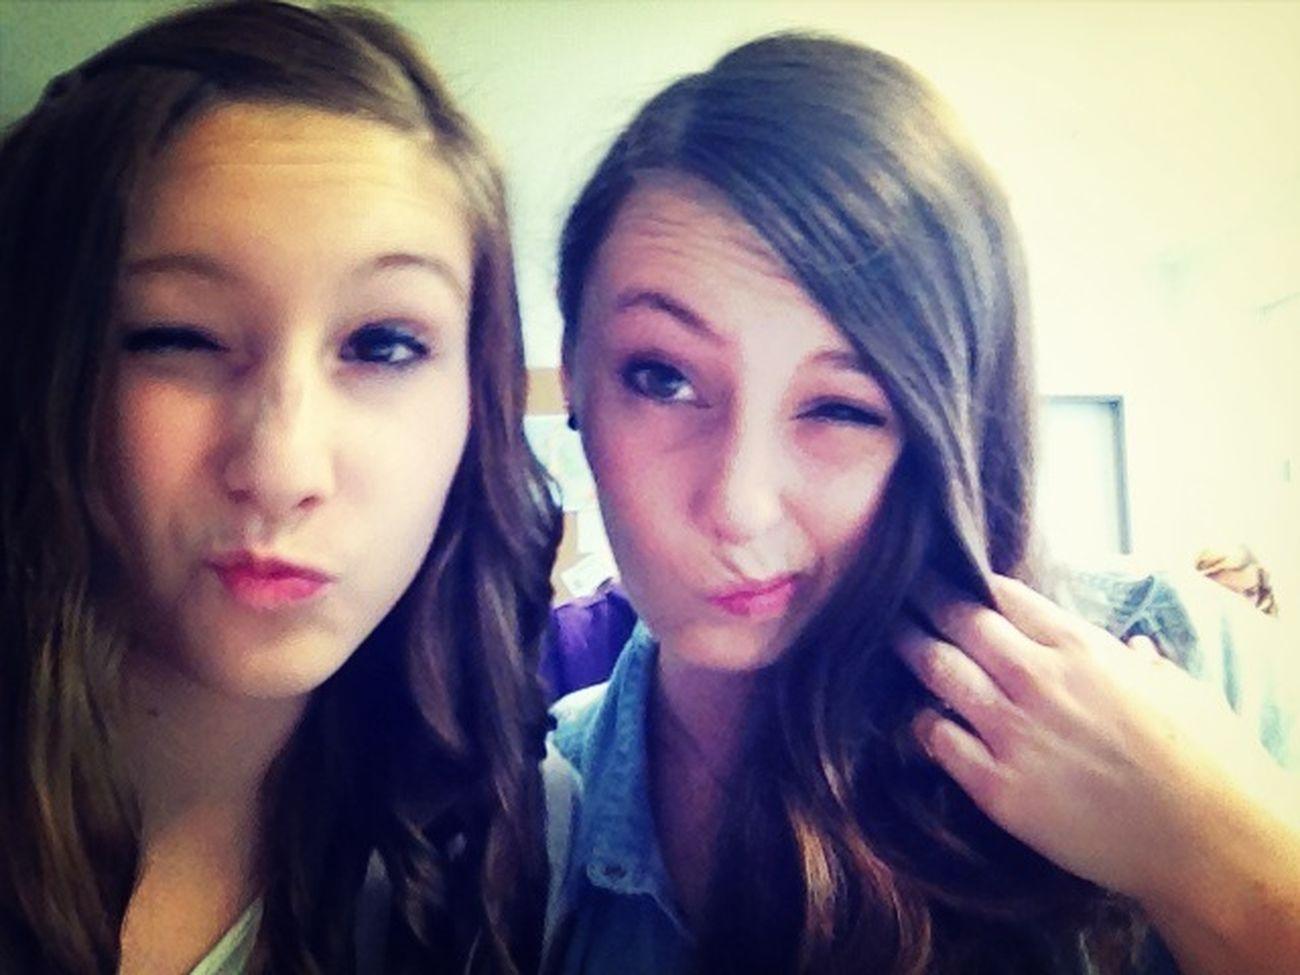 At School ;D